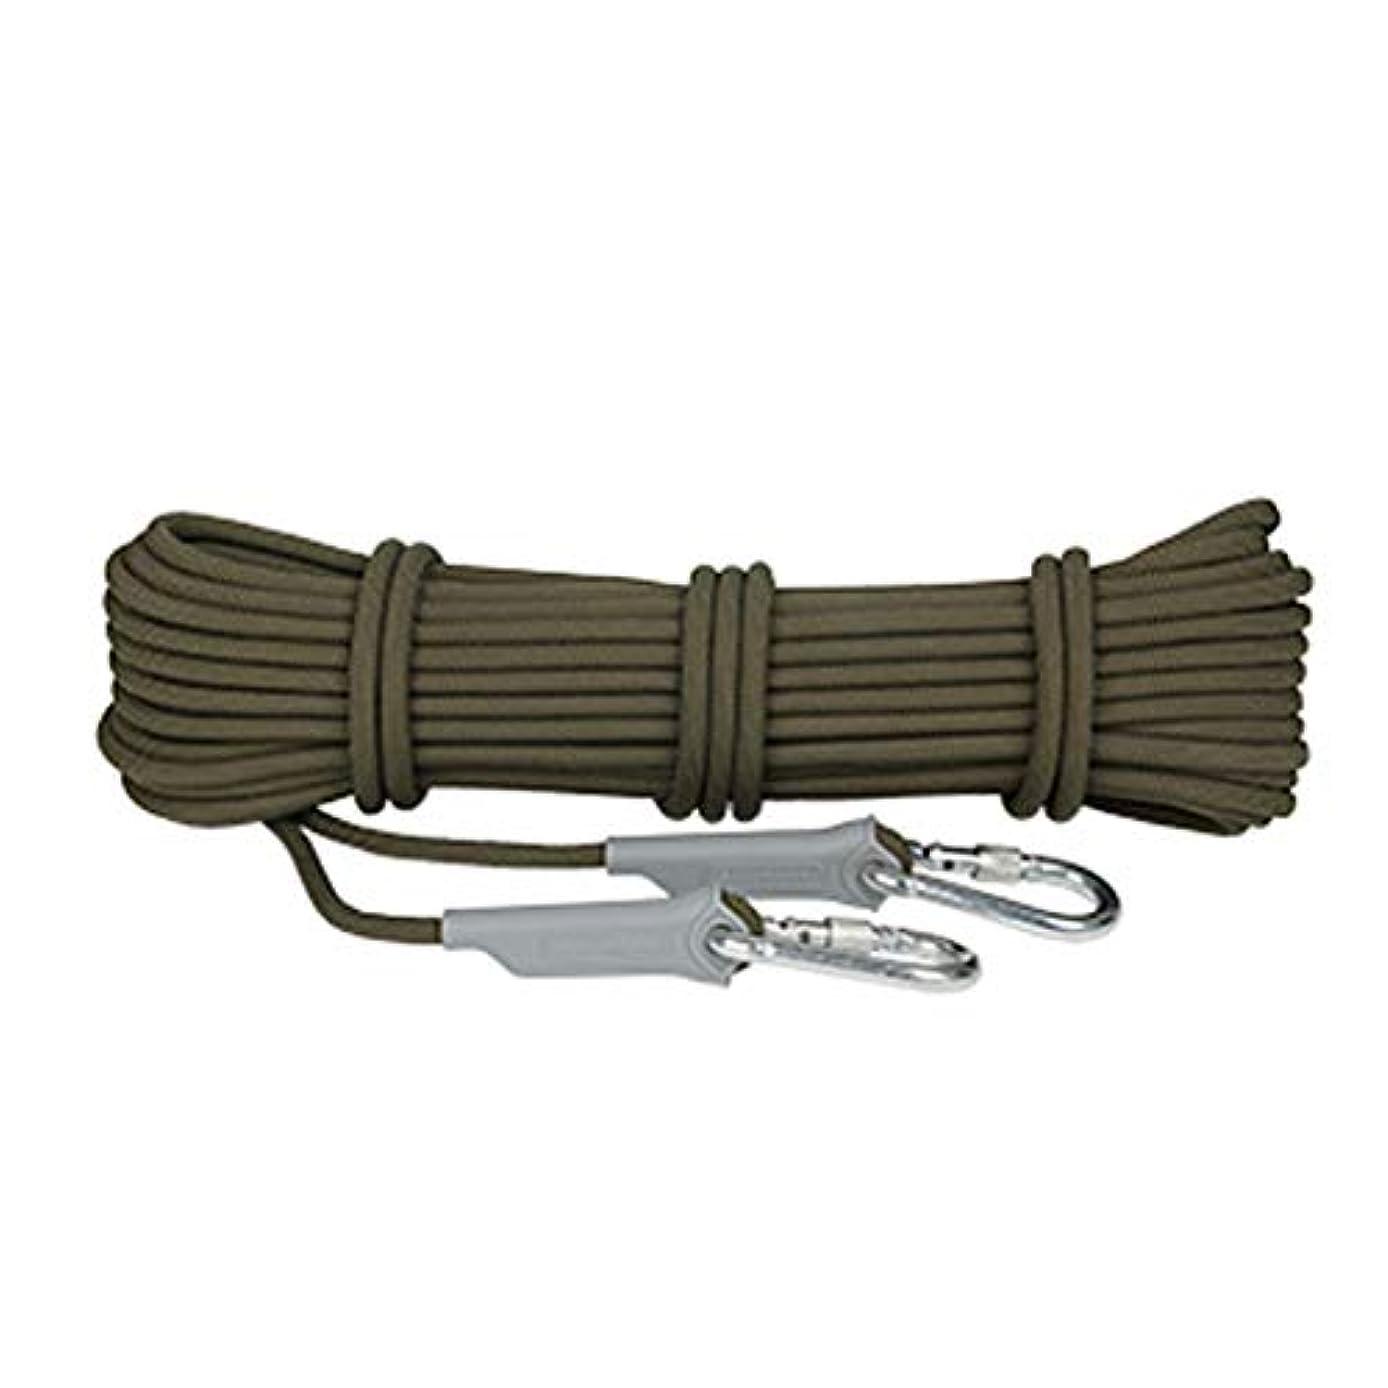 地域の汚すアプローチクライミングロープ、直径9.5mm屋外用マウンテンライフラインエスケープレスキュー装置、10m超軽量、速乾性耐摩耗性安全ロープ(色:ArmyGreen、サイズ:10m)